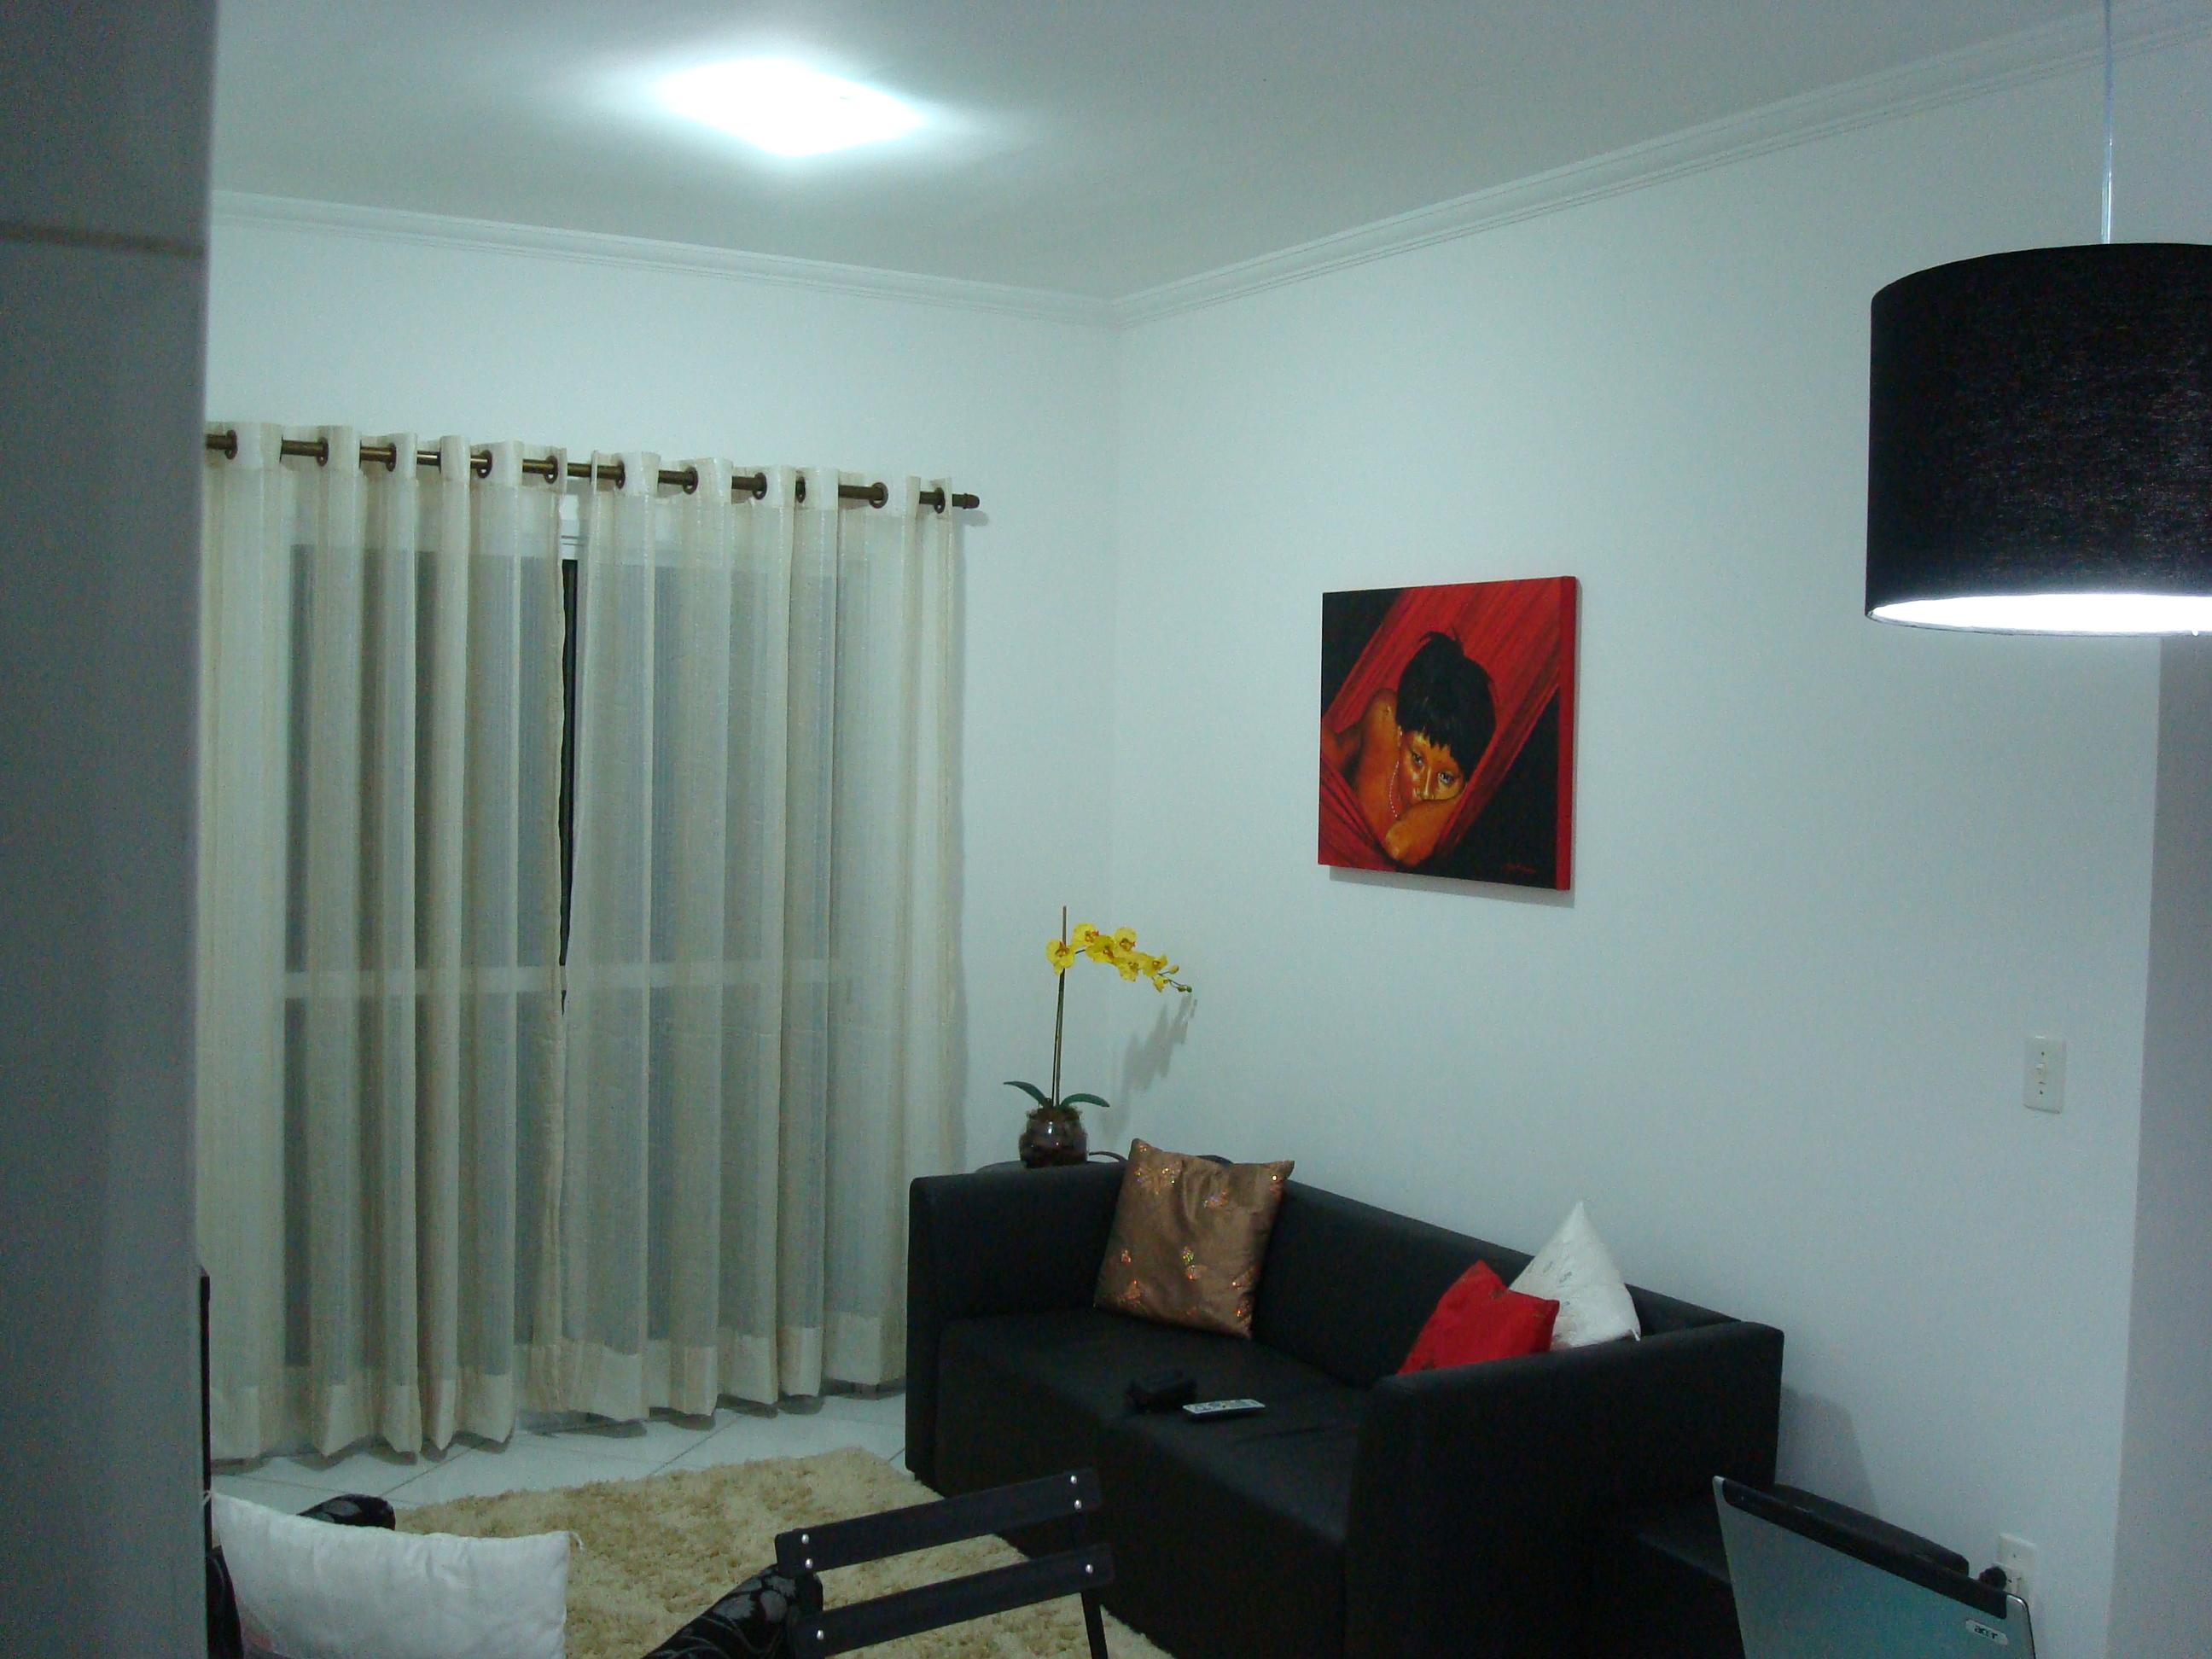 decoracao de sala vermelha e branca segue a paleta de cores do